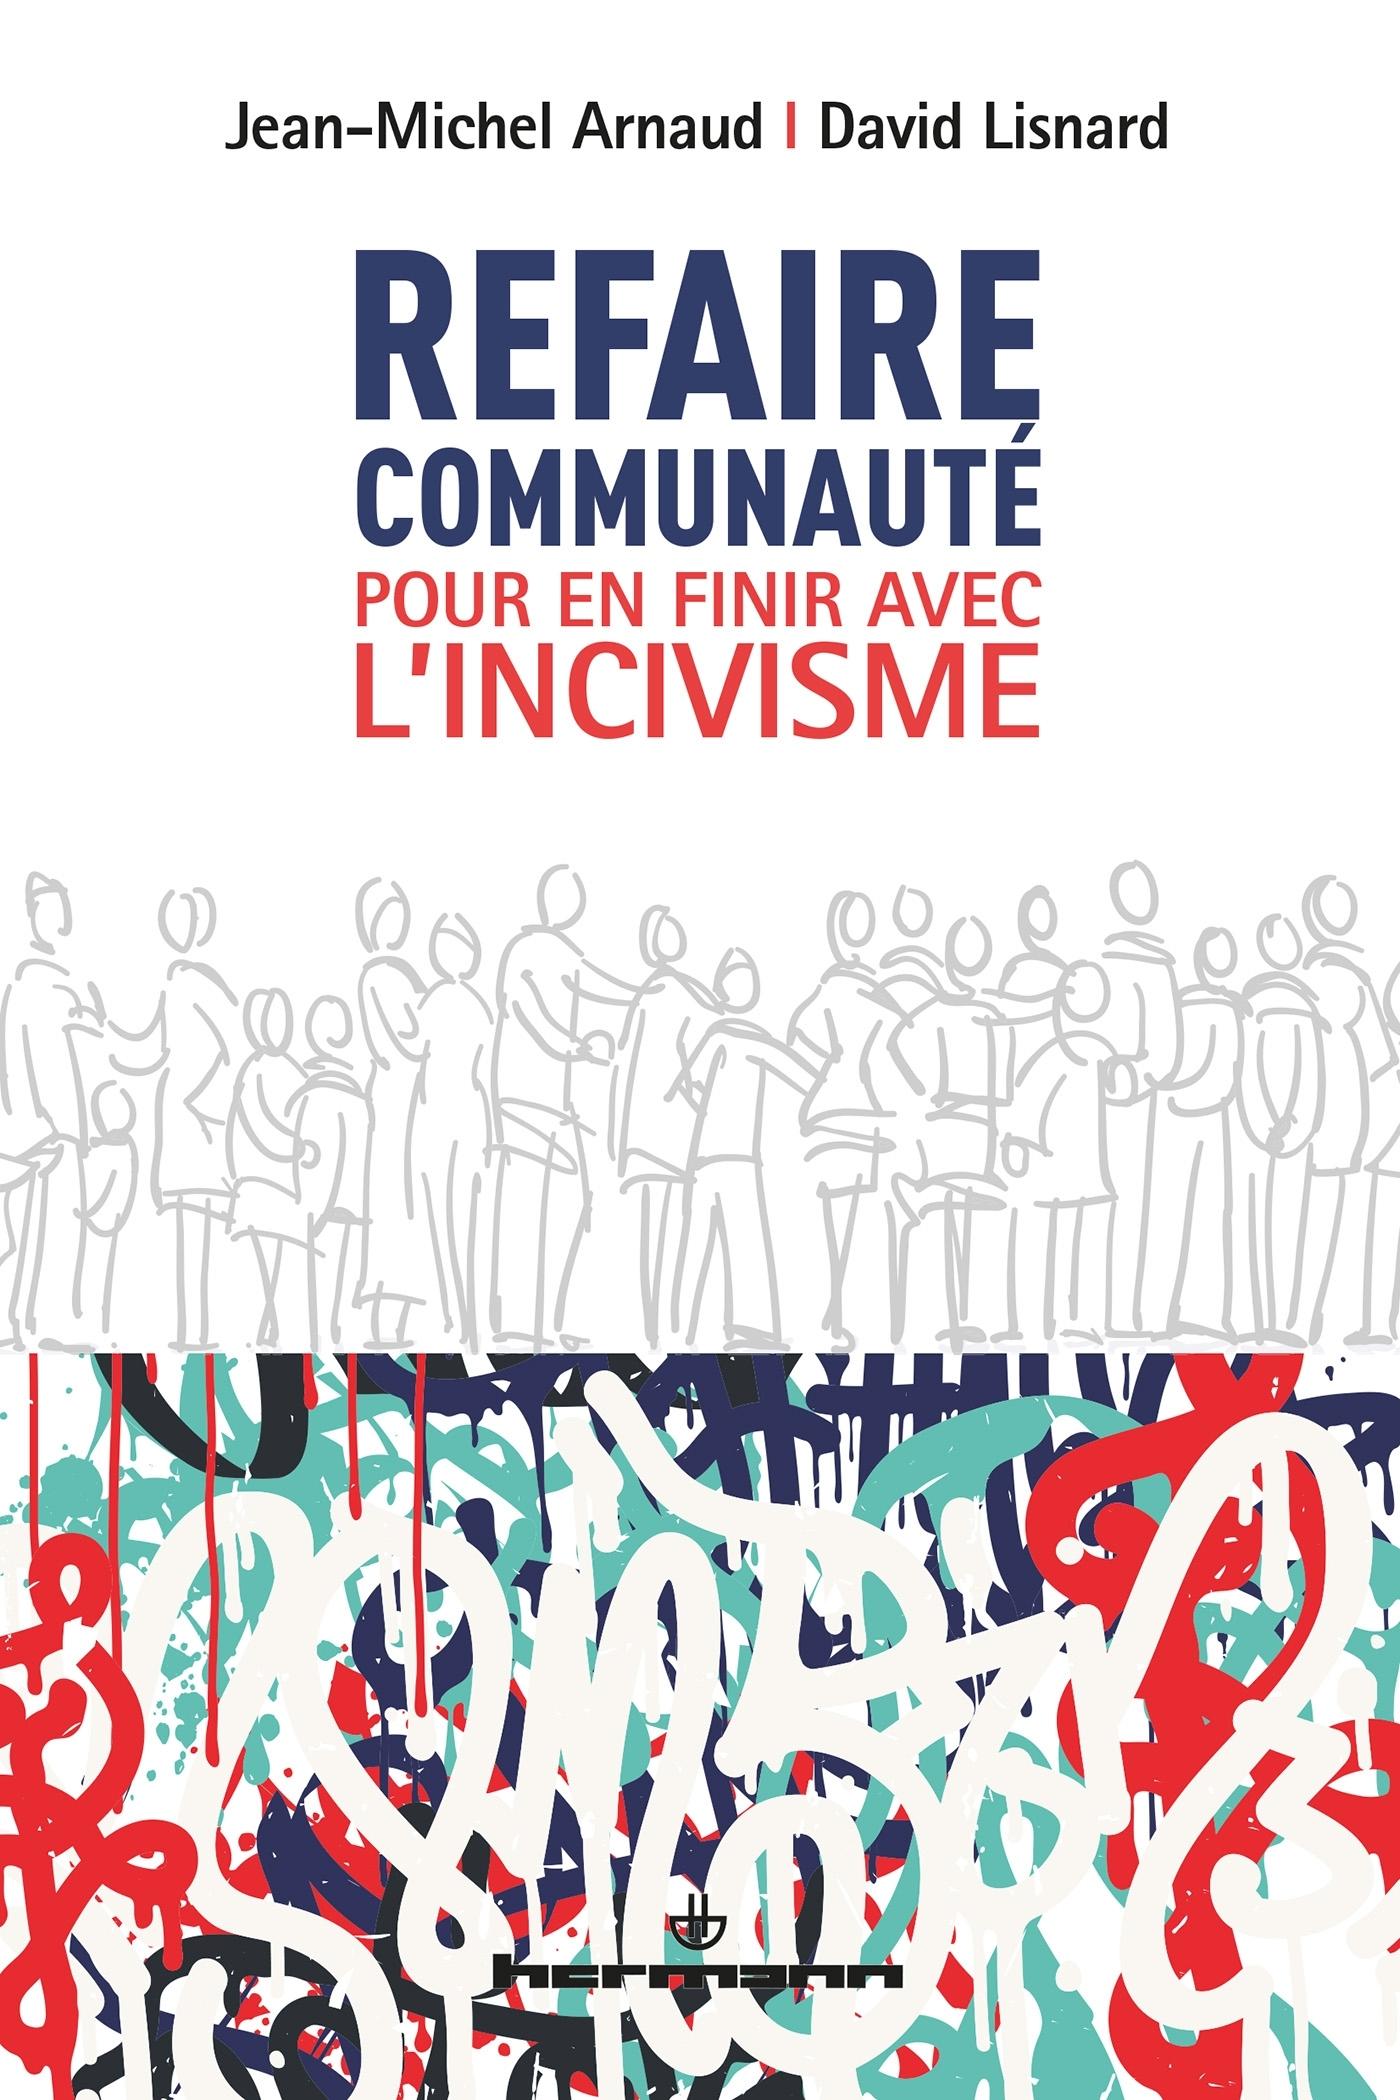 REFAIRE COMMUNAUTE - POUR EN FINIR AVEC L'INCIVISME